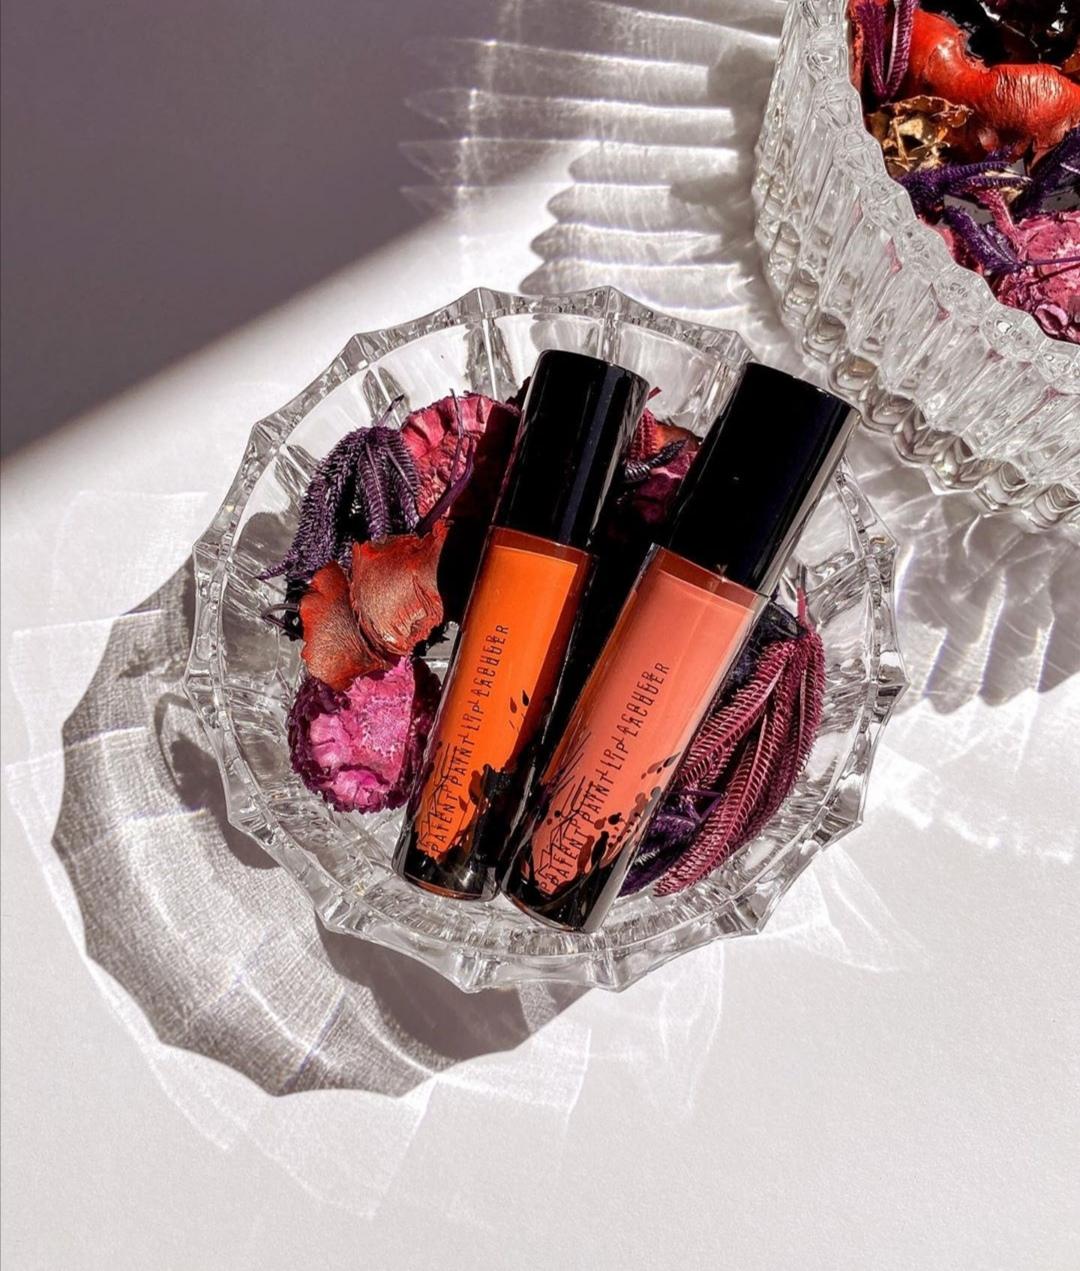 M.A.C Patent Paint Lip Lacquer